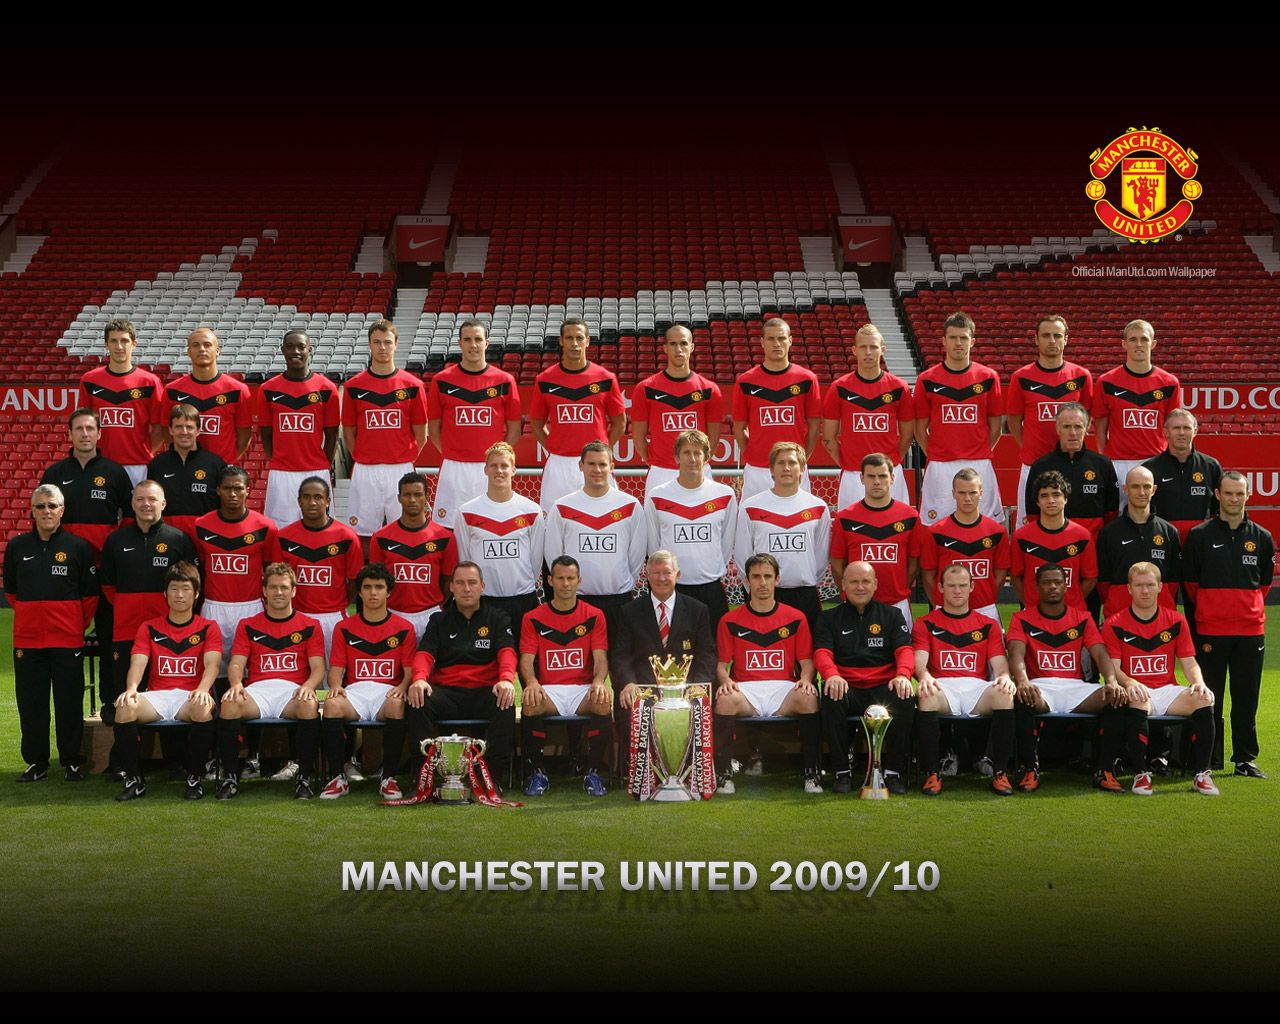 Hilo del Manchester United Manchester-united-squad-2009-2010